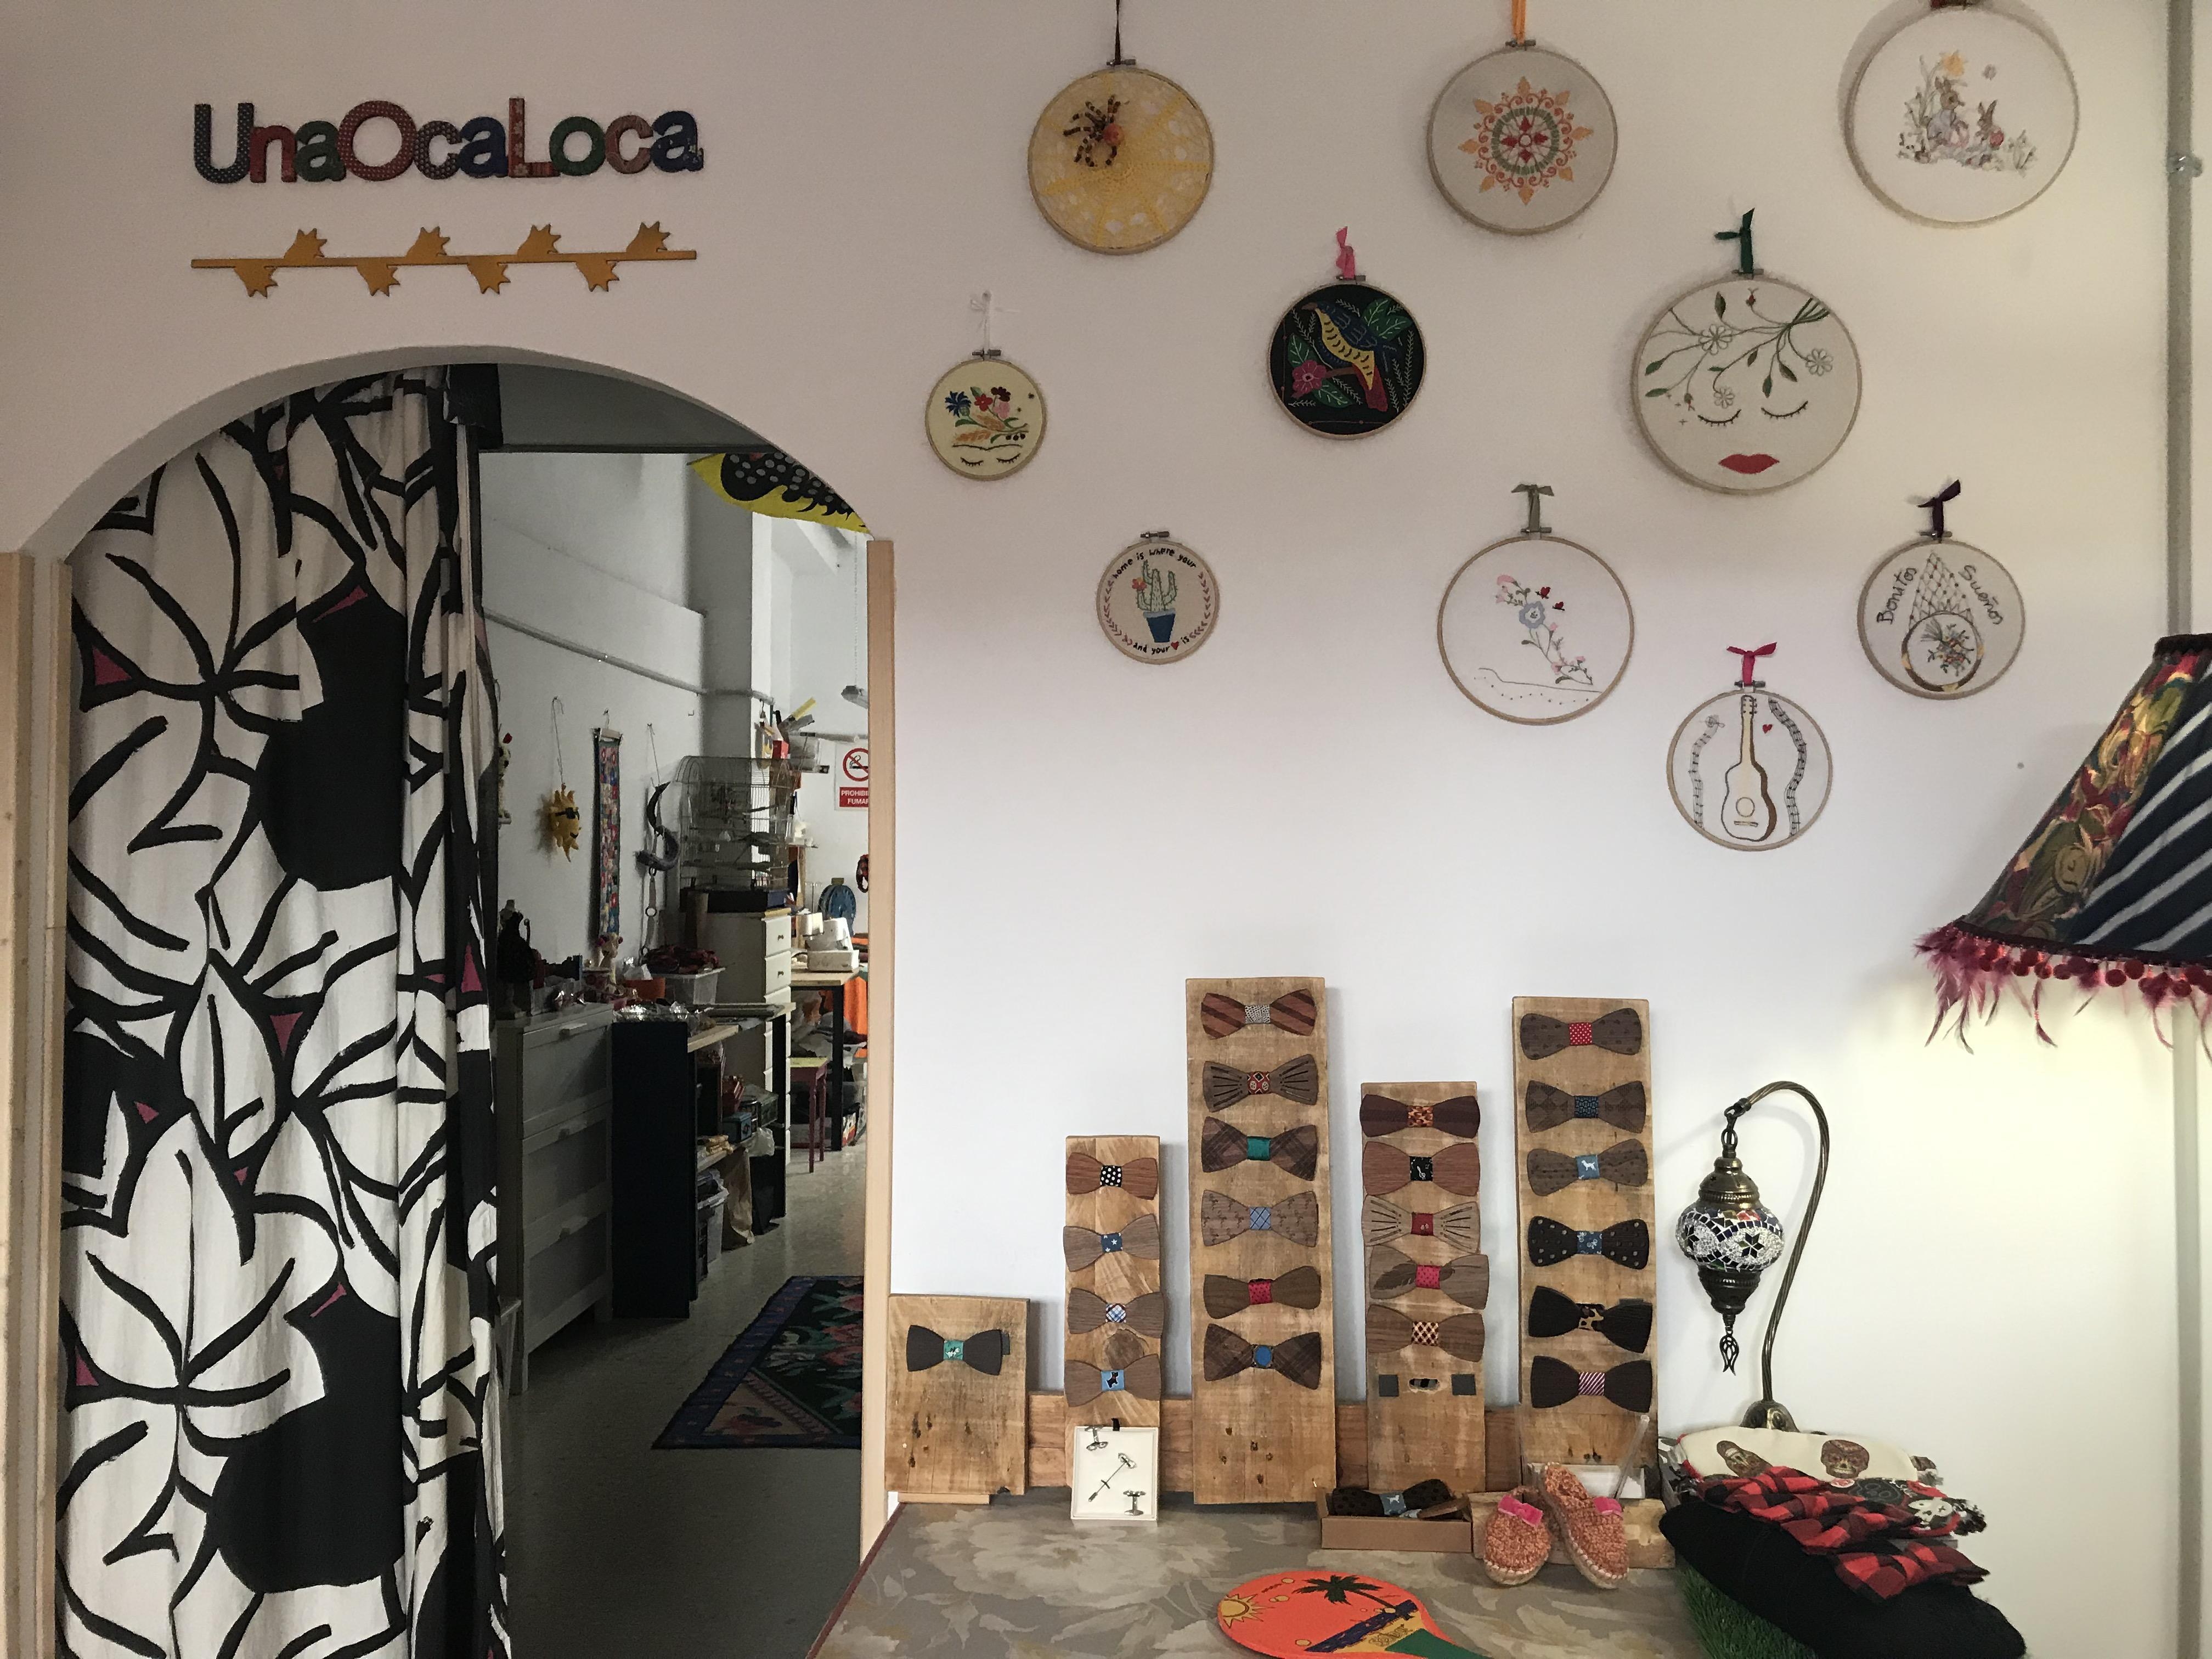 Una Oca Loca - Upcycling en estado puro / reciclaje / creatividad /talleres creativos /reutilización